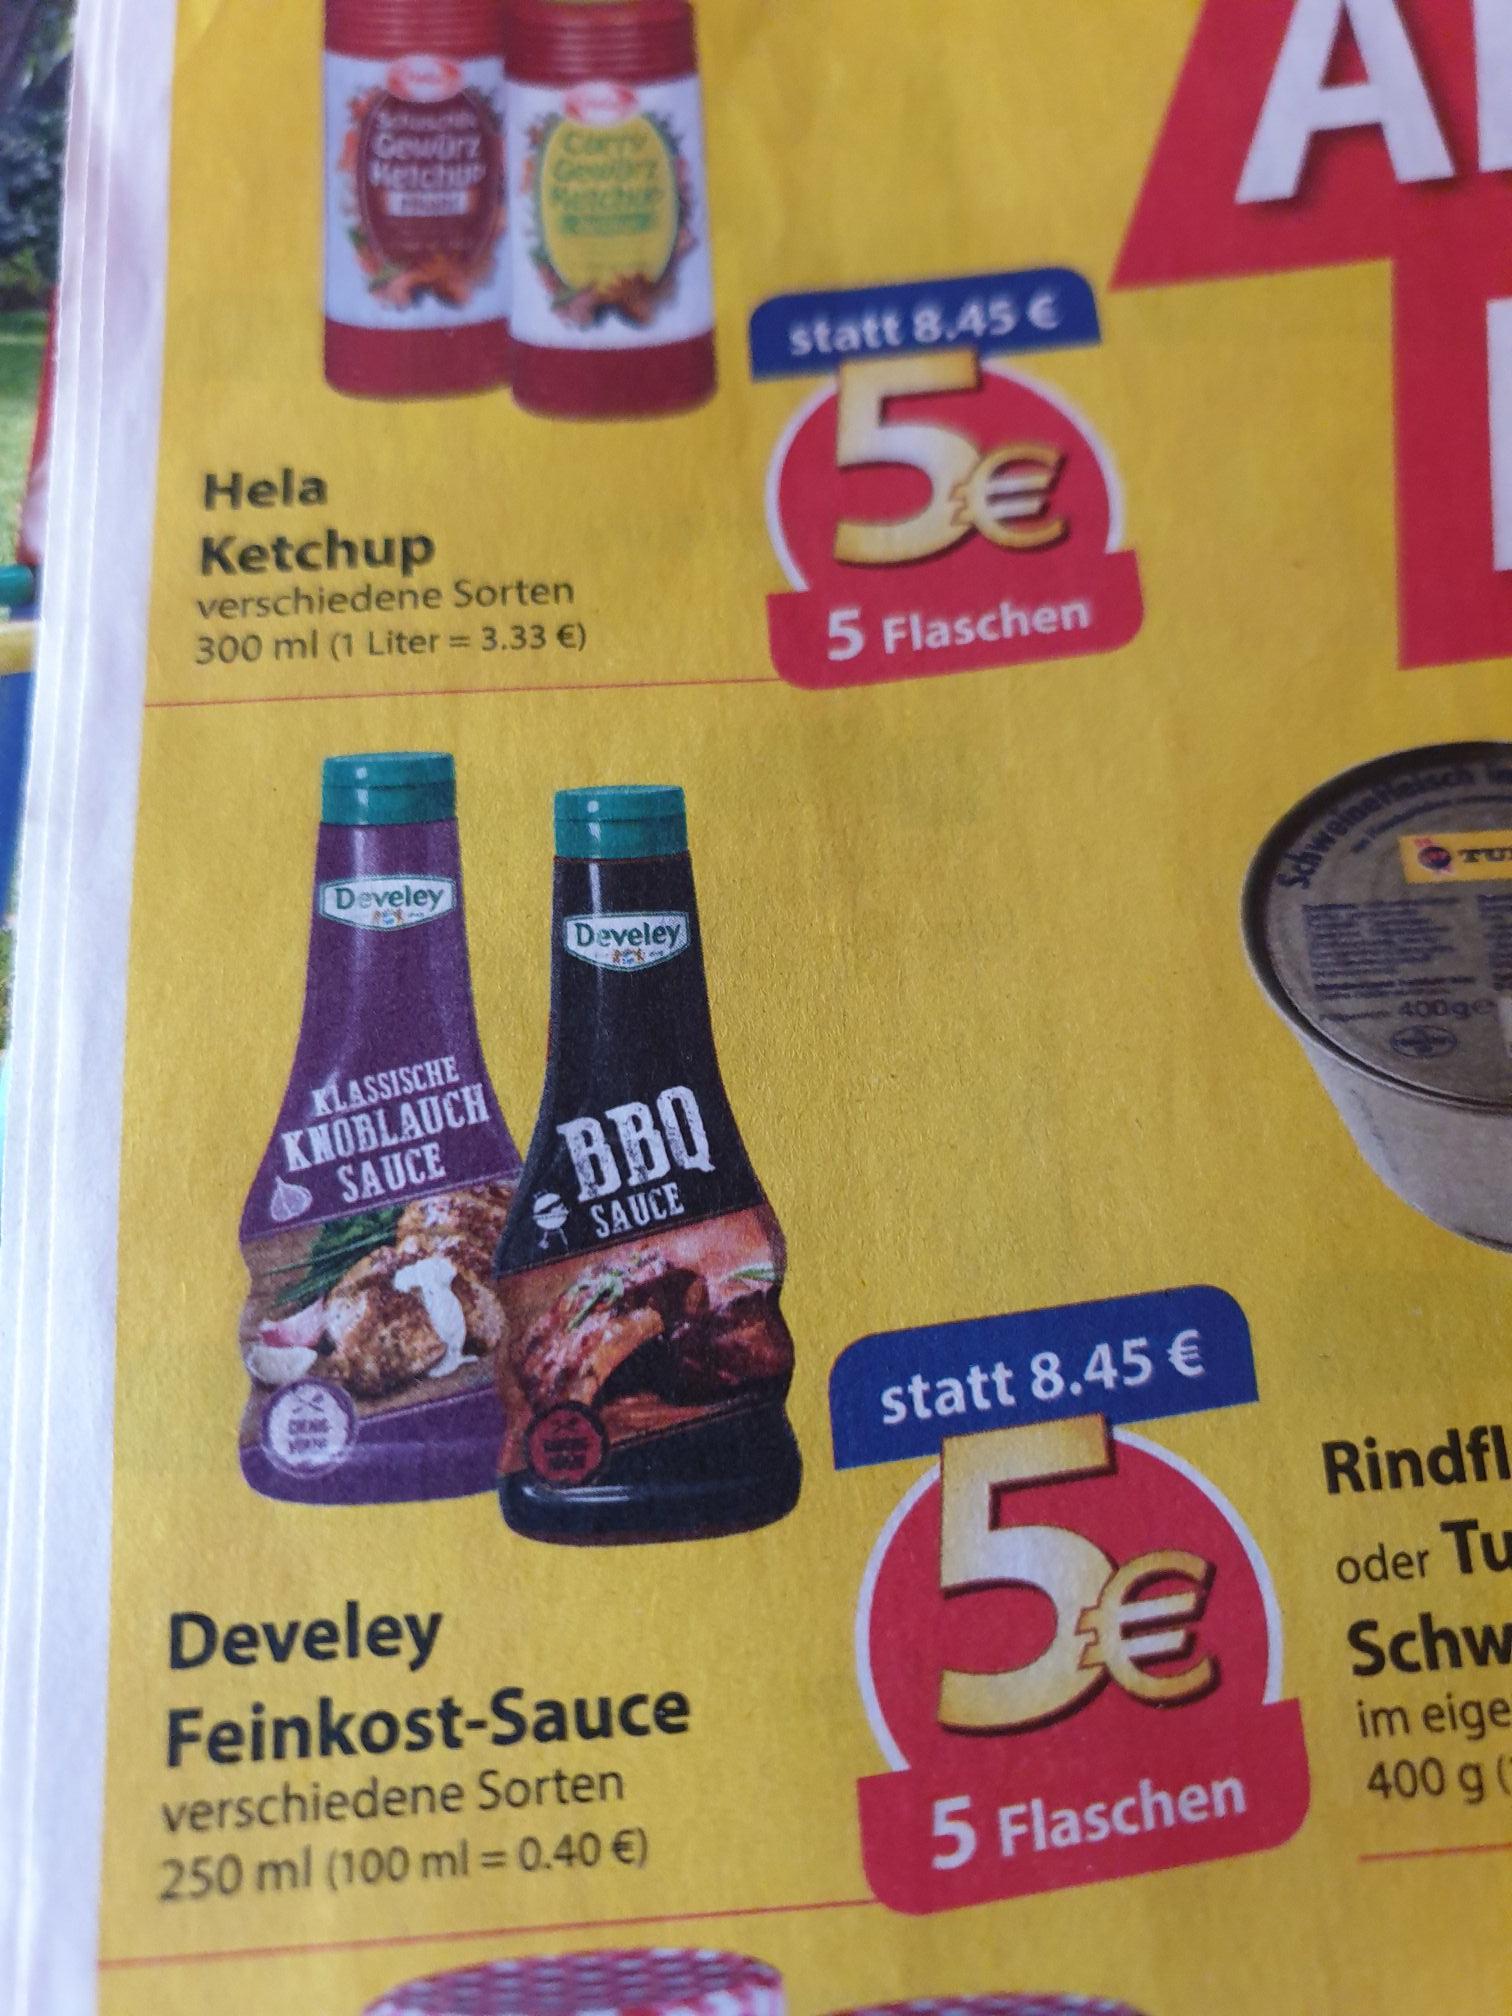 (Famila,evtl. lokal) 5 Flaschen Develey-Saucen für 5€